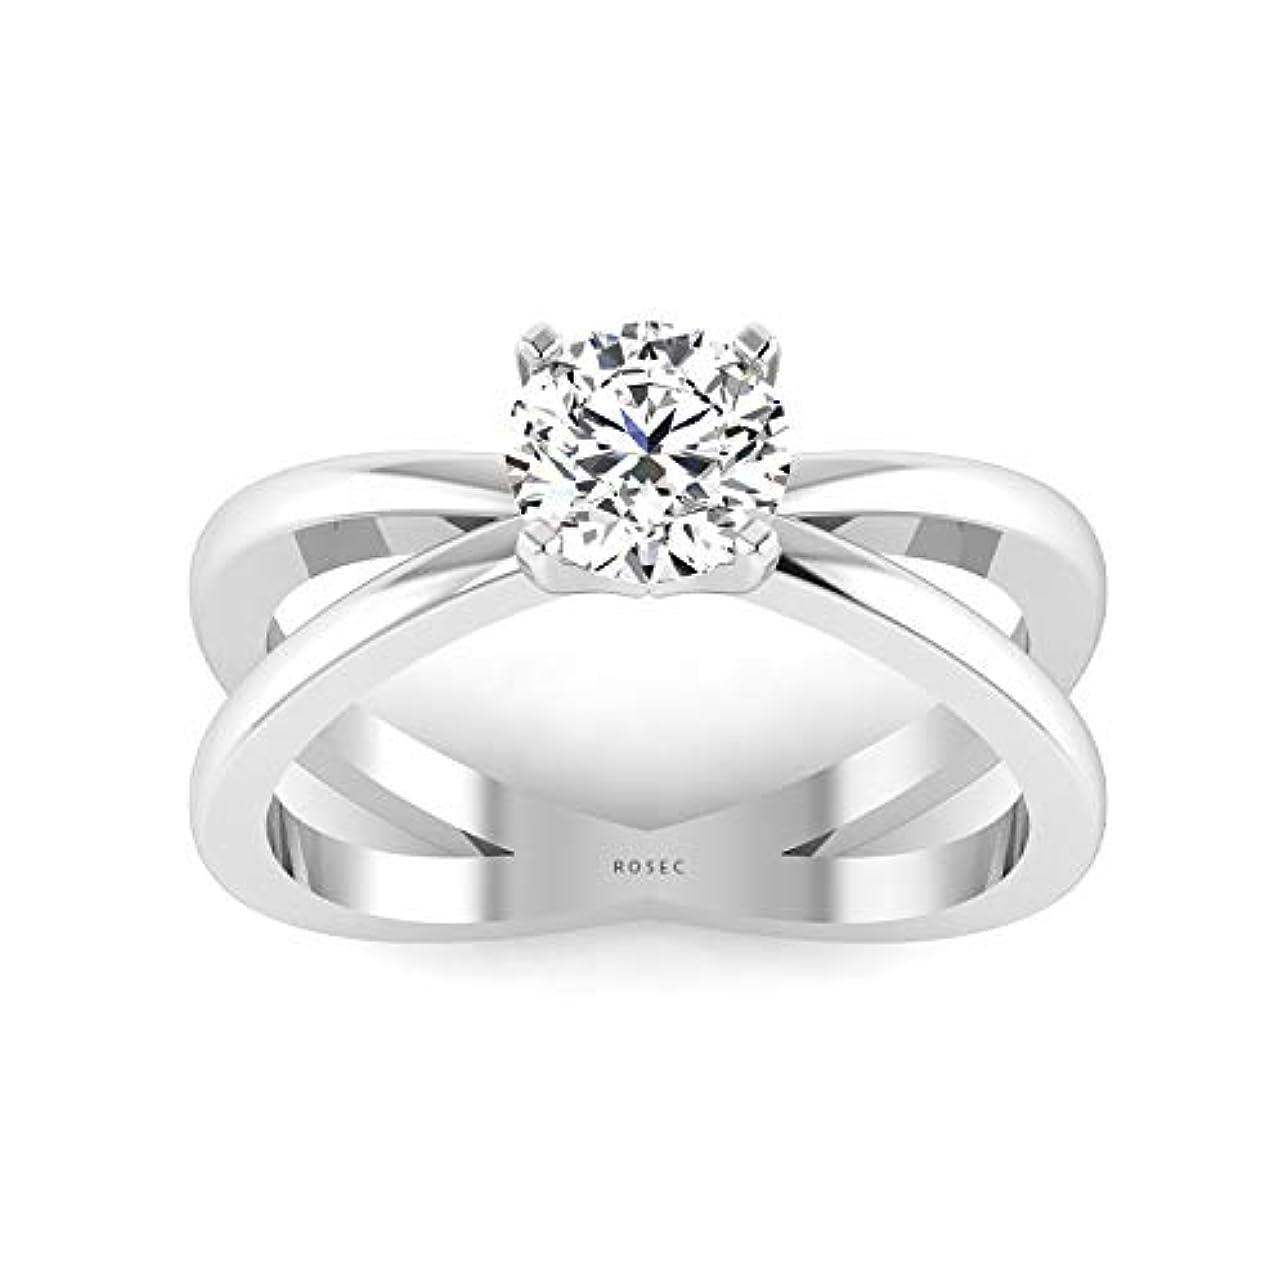 インチテラス音楽を聴くDainty 0.34 CT IGI認定ダイヤモンドソリテール婚約指輪スプリントシャンク女性用結婚記念日指輪ダイヤモンドブライダルプロミス指輪母の日, 10K ホワイトゴールド, Size: 26